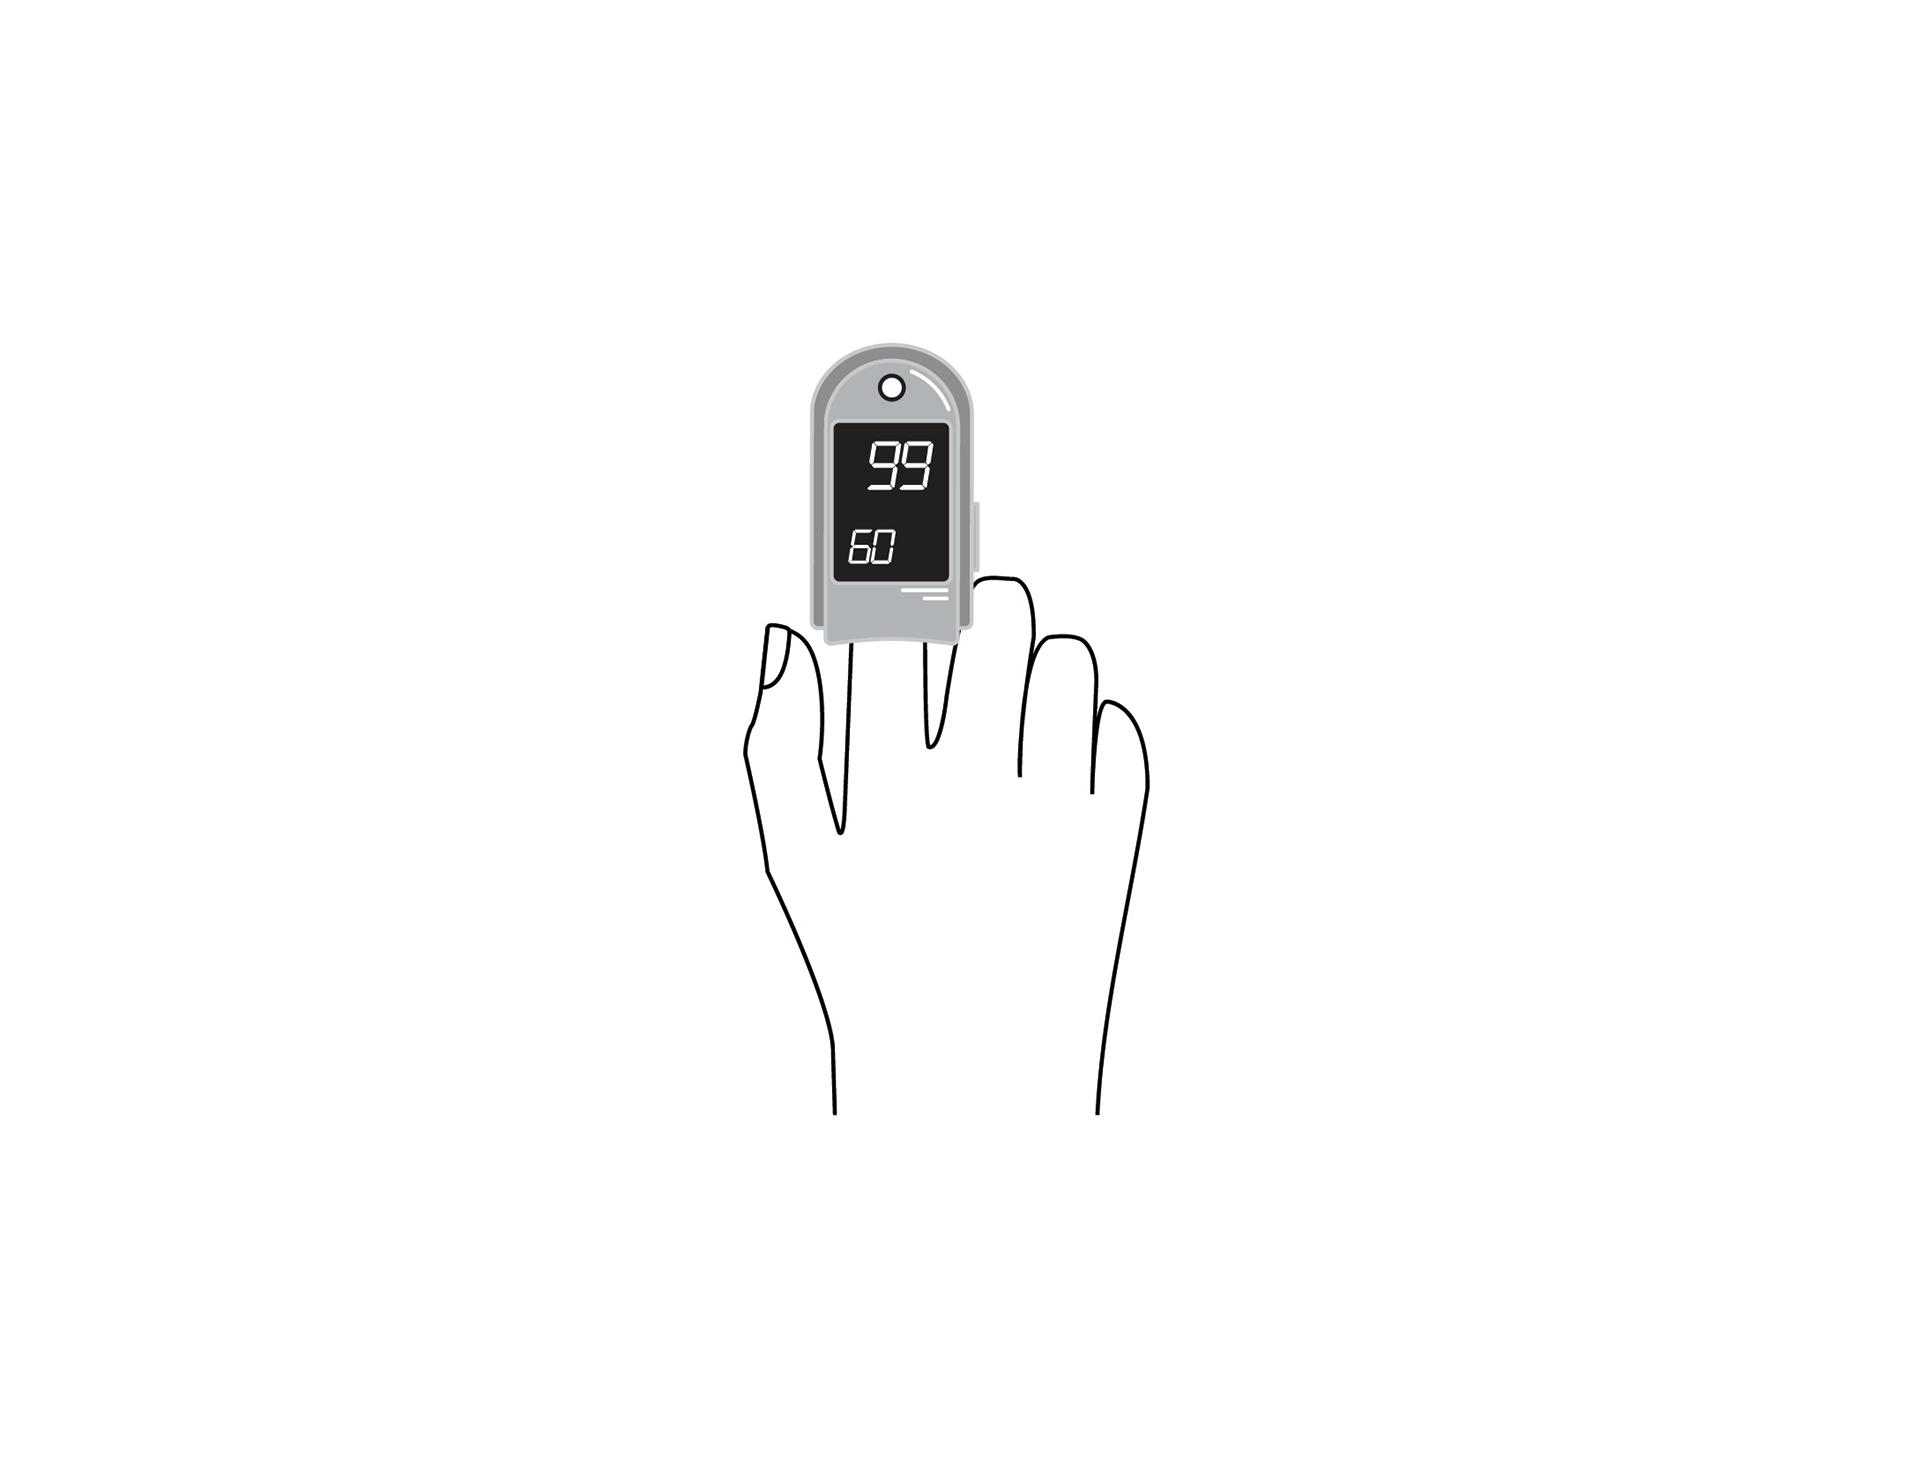 Pulseoximeter,spot-check,w/accessories